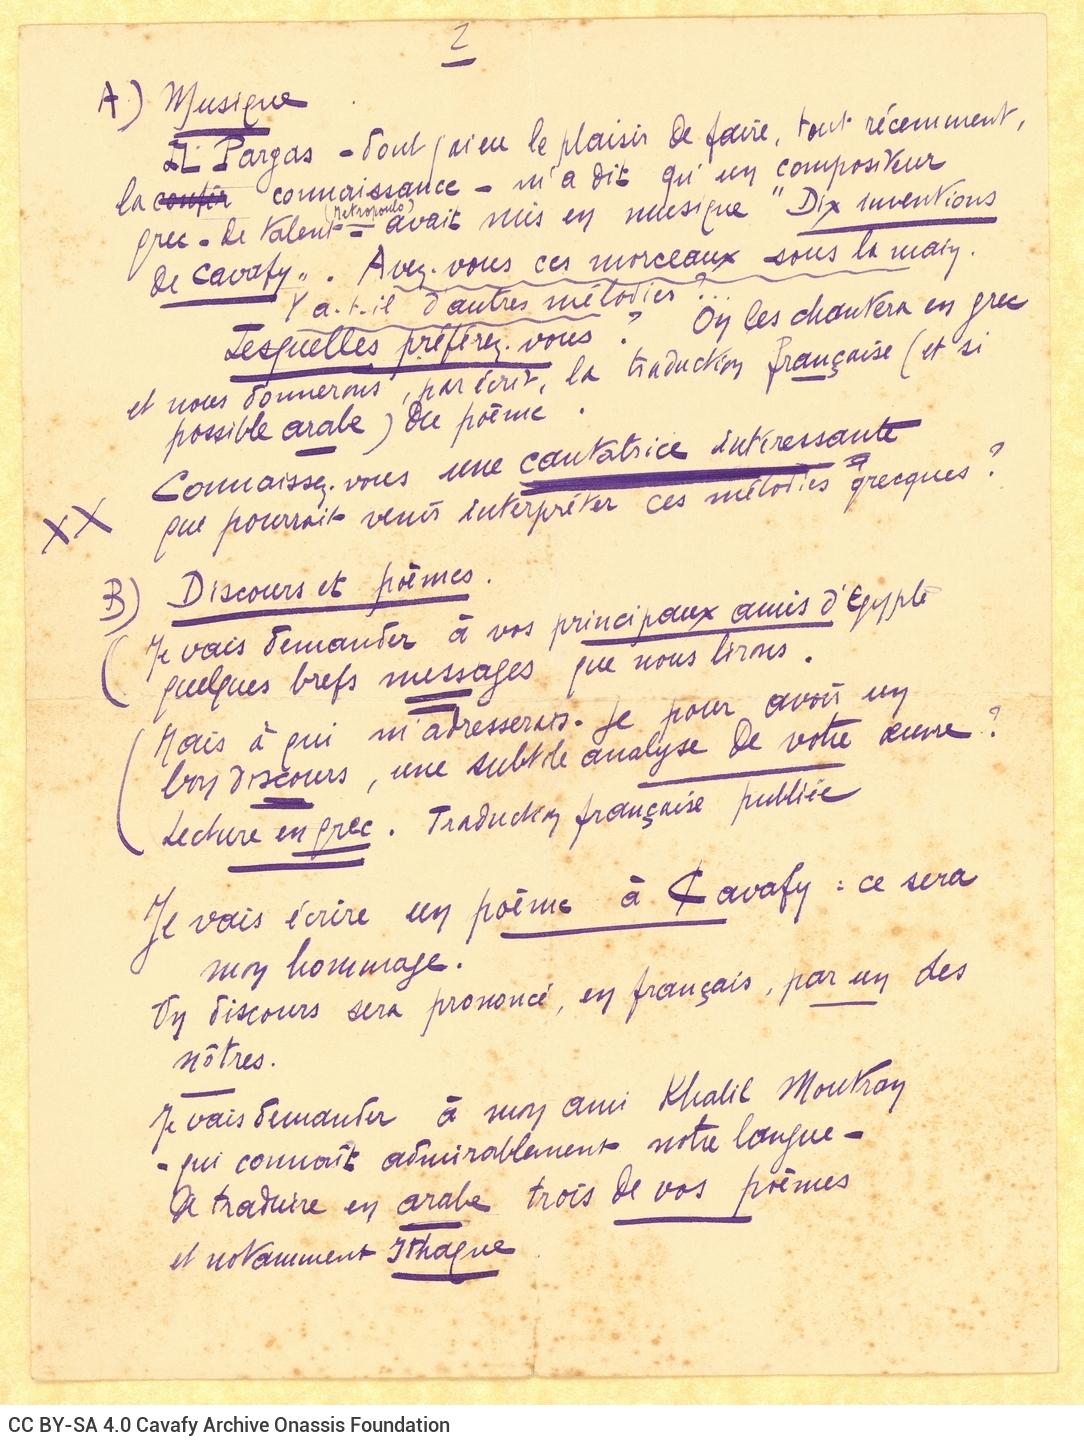 Χειρόγραφη επιστολή του Πωλ Βαντερμπόρτ (Paul Vanderborght) προς τον Καβάφη �